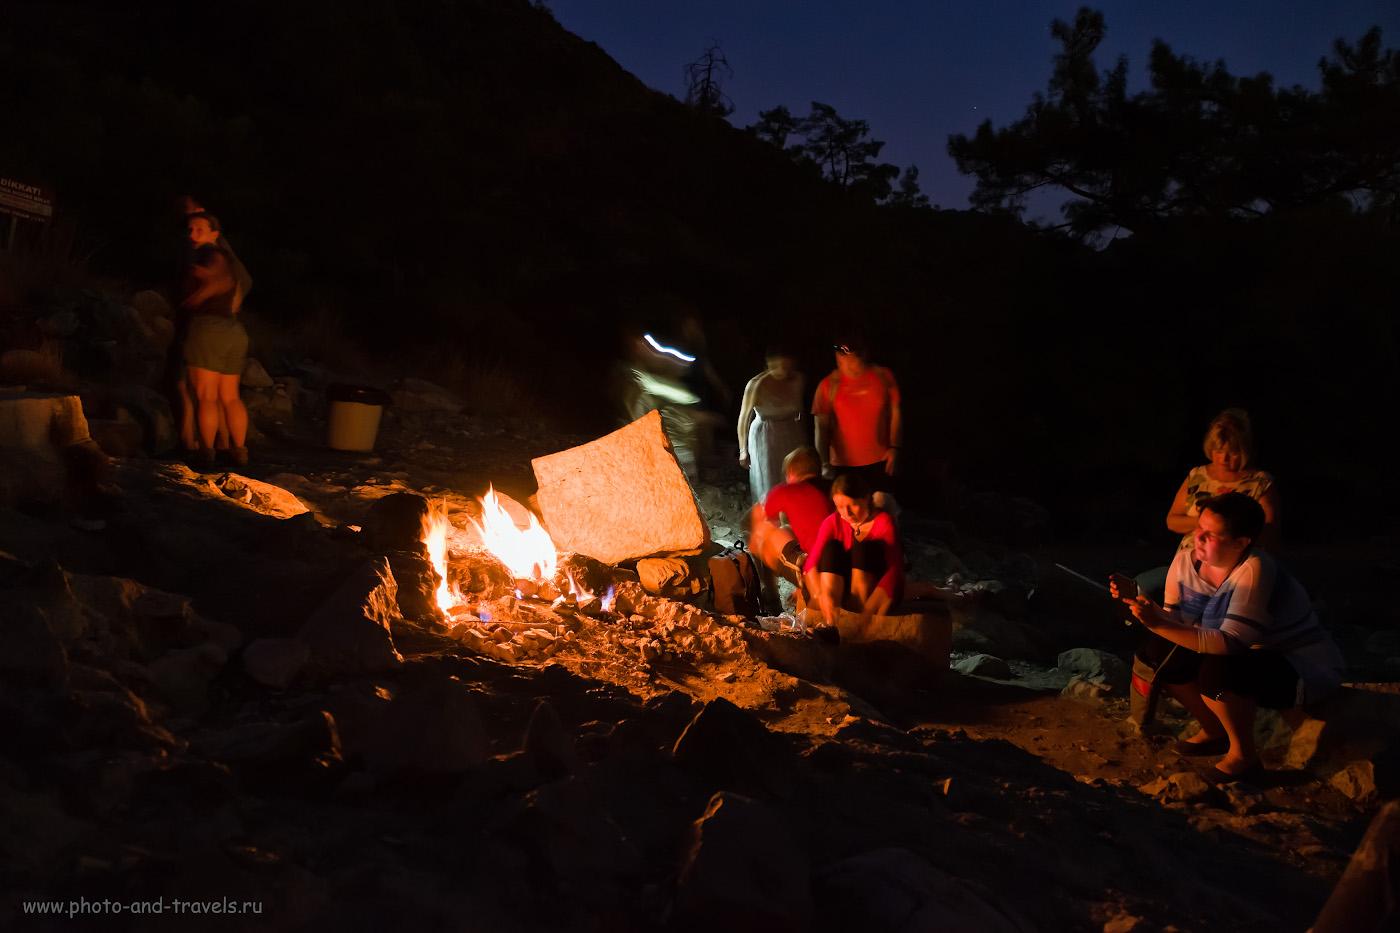 5. Стоит ли ехать в Чиралы, чтобы посмотреть огни Химеры? Рассказ о нашей экскурсии самостоятельно. 6. Туристы, пламя и сама Химера. Как мы отдыхали в Чиралы и какие достопримечательности посетили самостоятельно. 0.6, 2.8, 3200, +1.33, 16